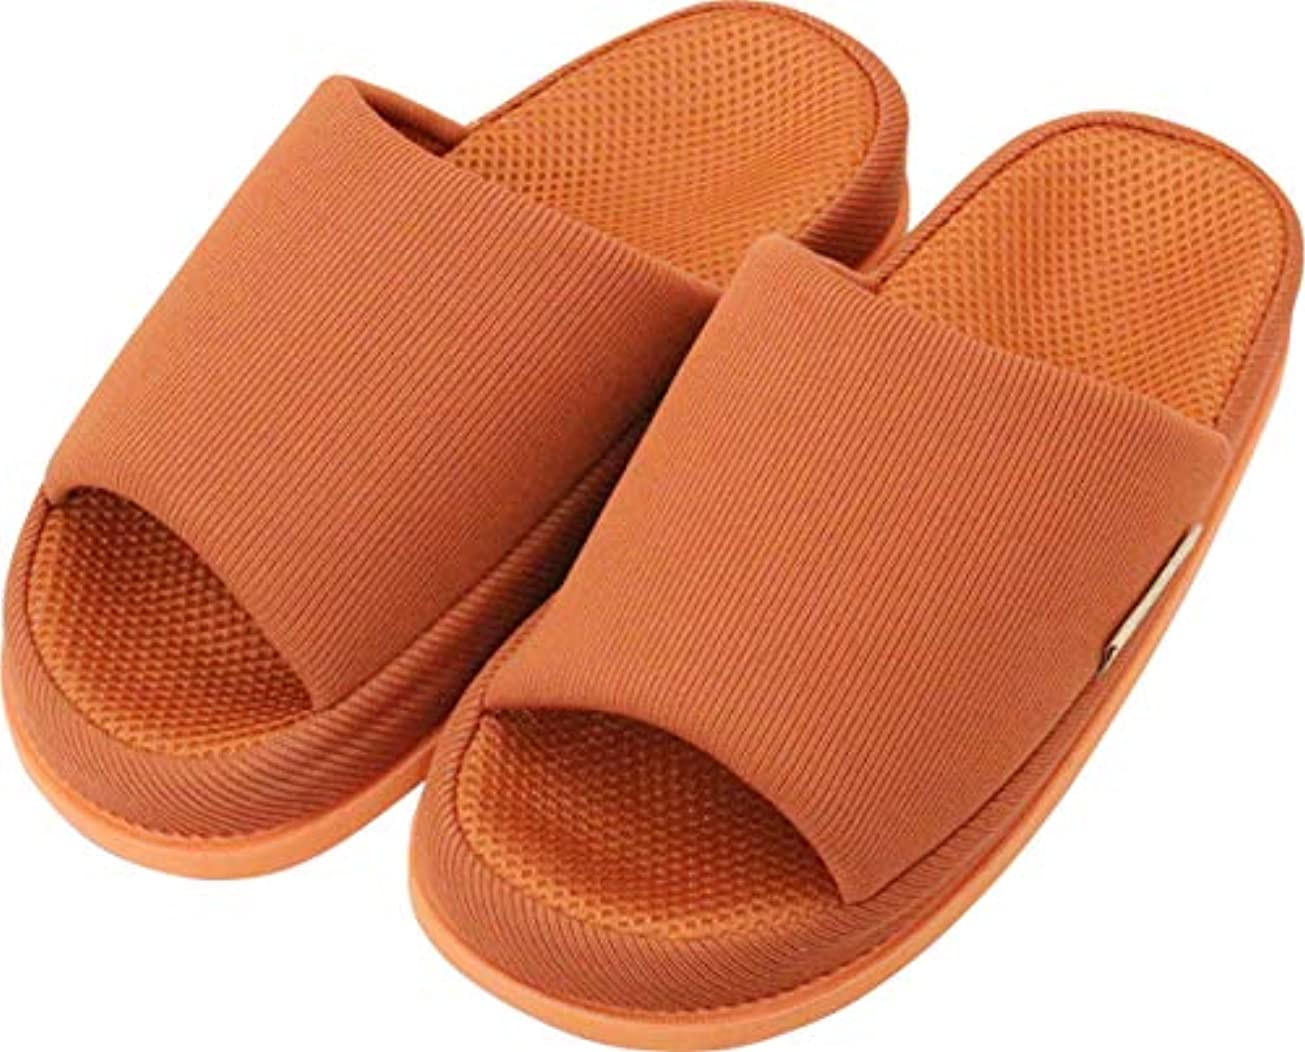 リズム親指単に足で癒す リフレクソロジースリッパ リフレ 中心 ダークオレンジ L